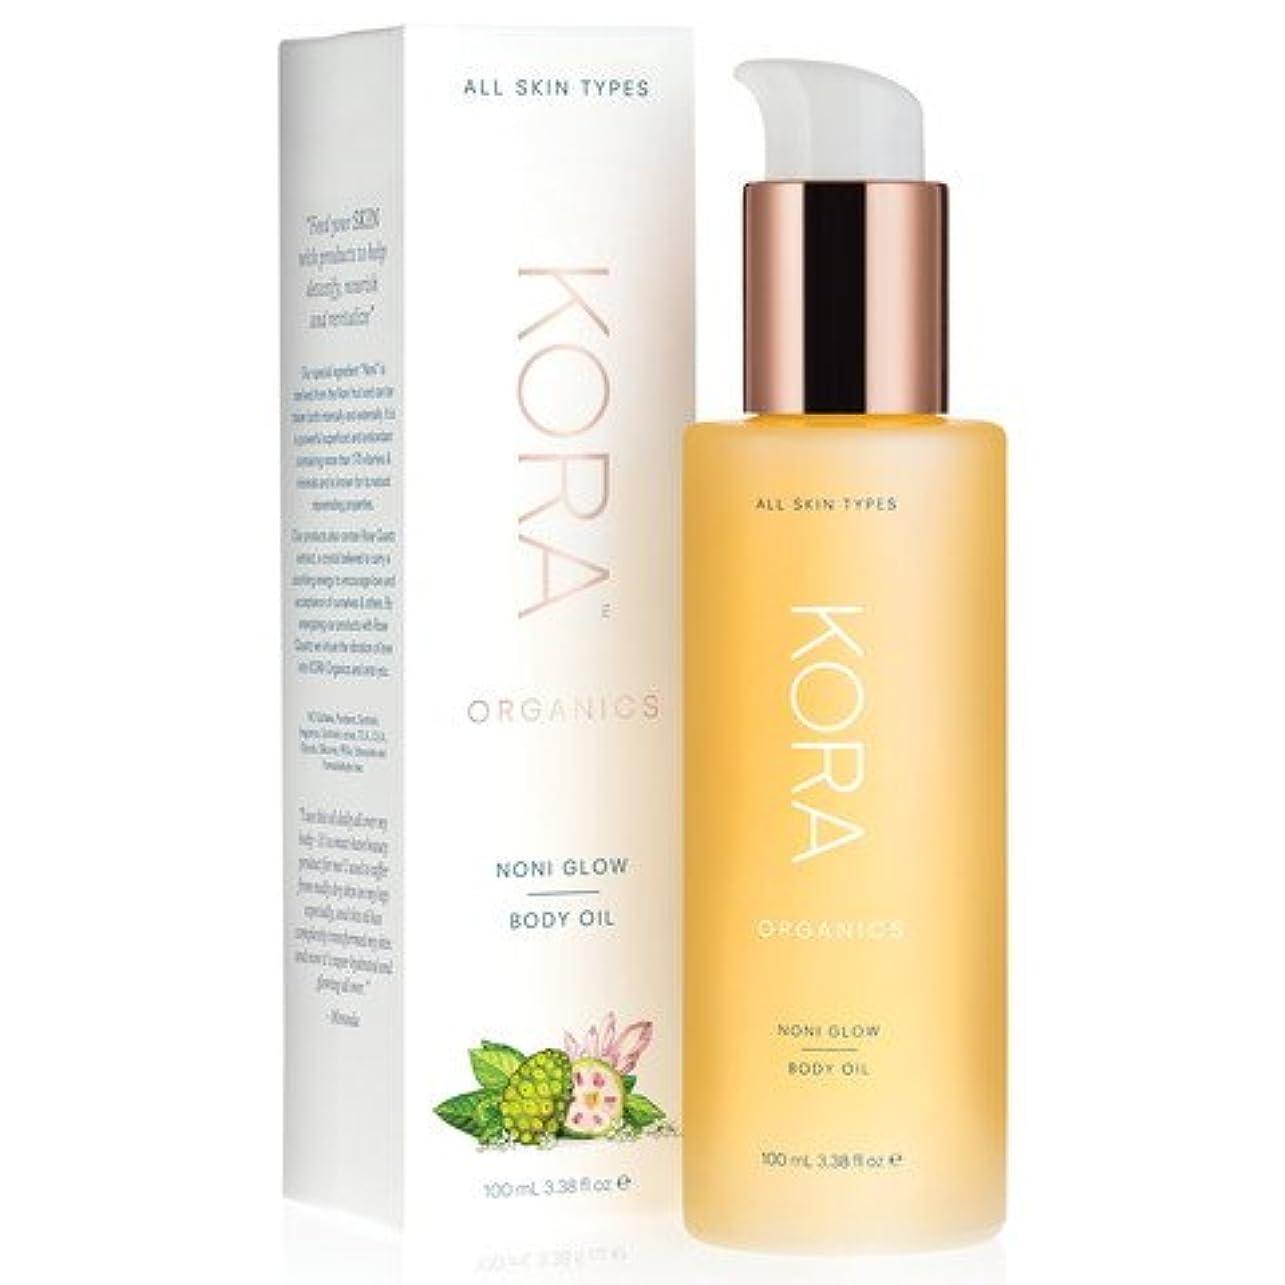 マイル無知アンティーク[Kora Organics]ノニ グロー Bodyオイル(全身用?ボディオイル )[Noni Glow Body Oil][海外直送品]